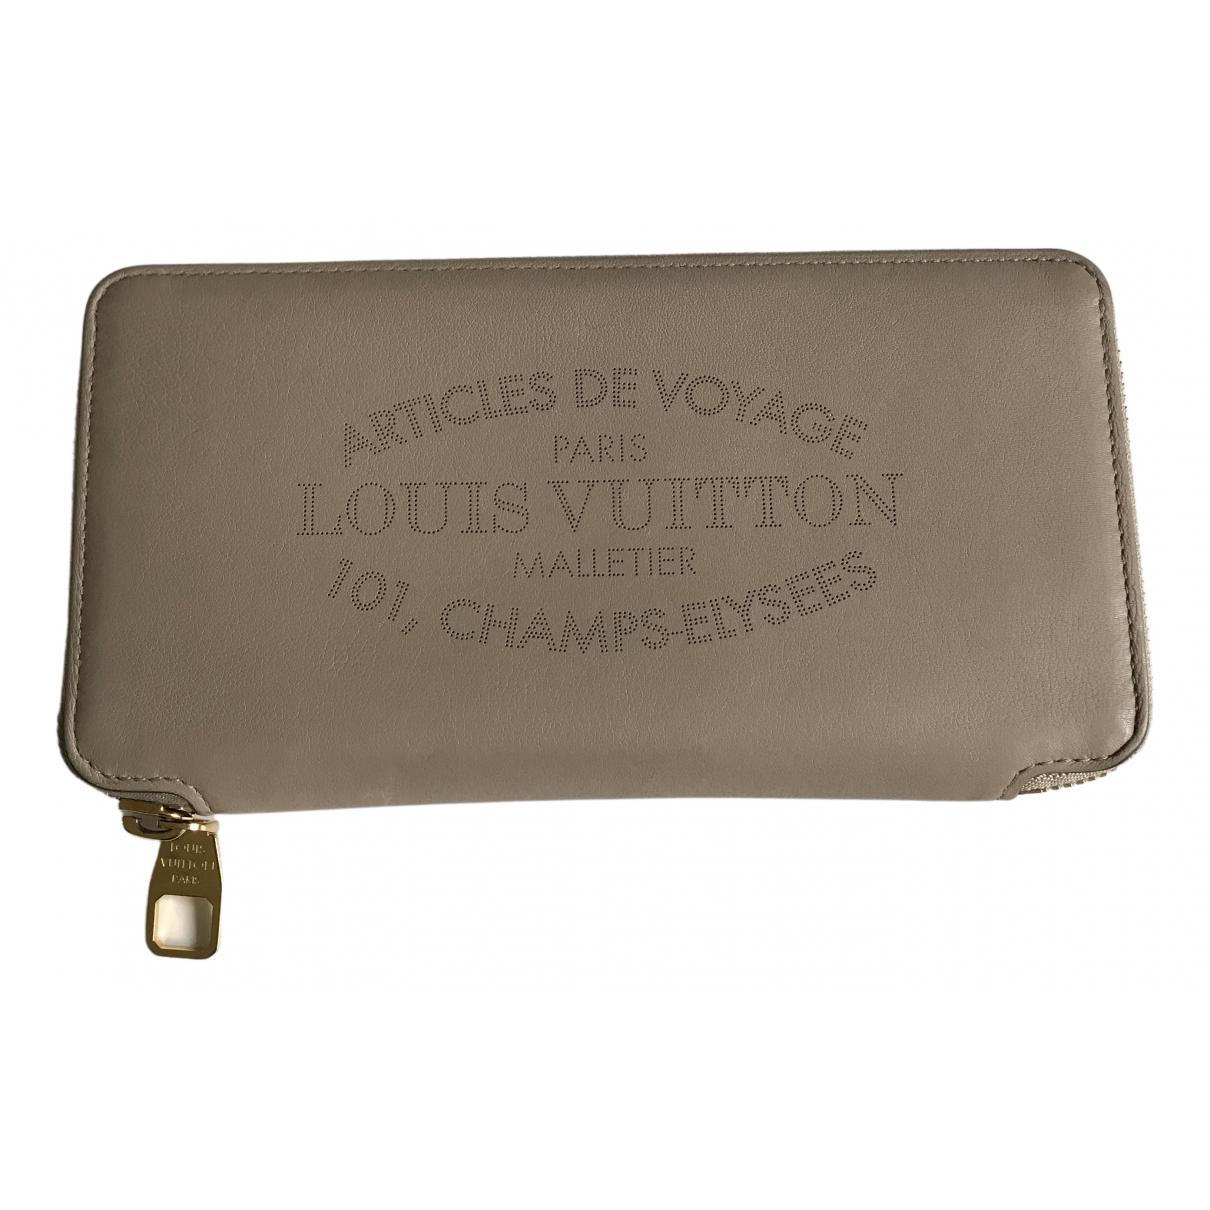 Louis Vuitton - Portefeuille Zippy pour femme en cuir - beige